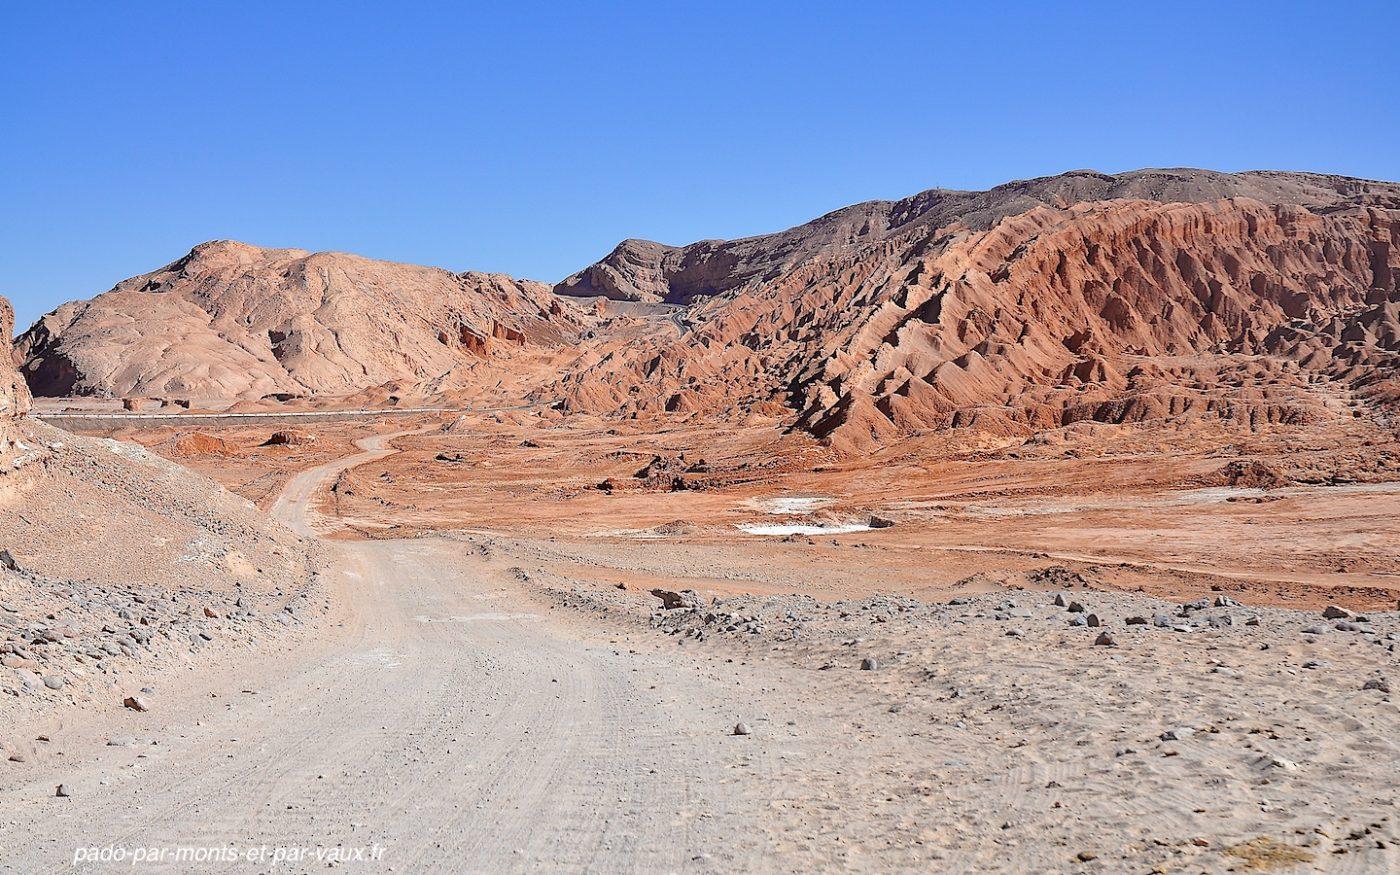 Désert d'Atacama - Vallée de la mort